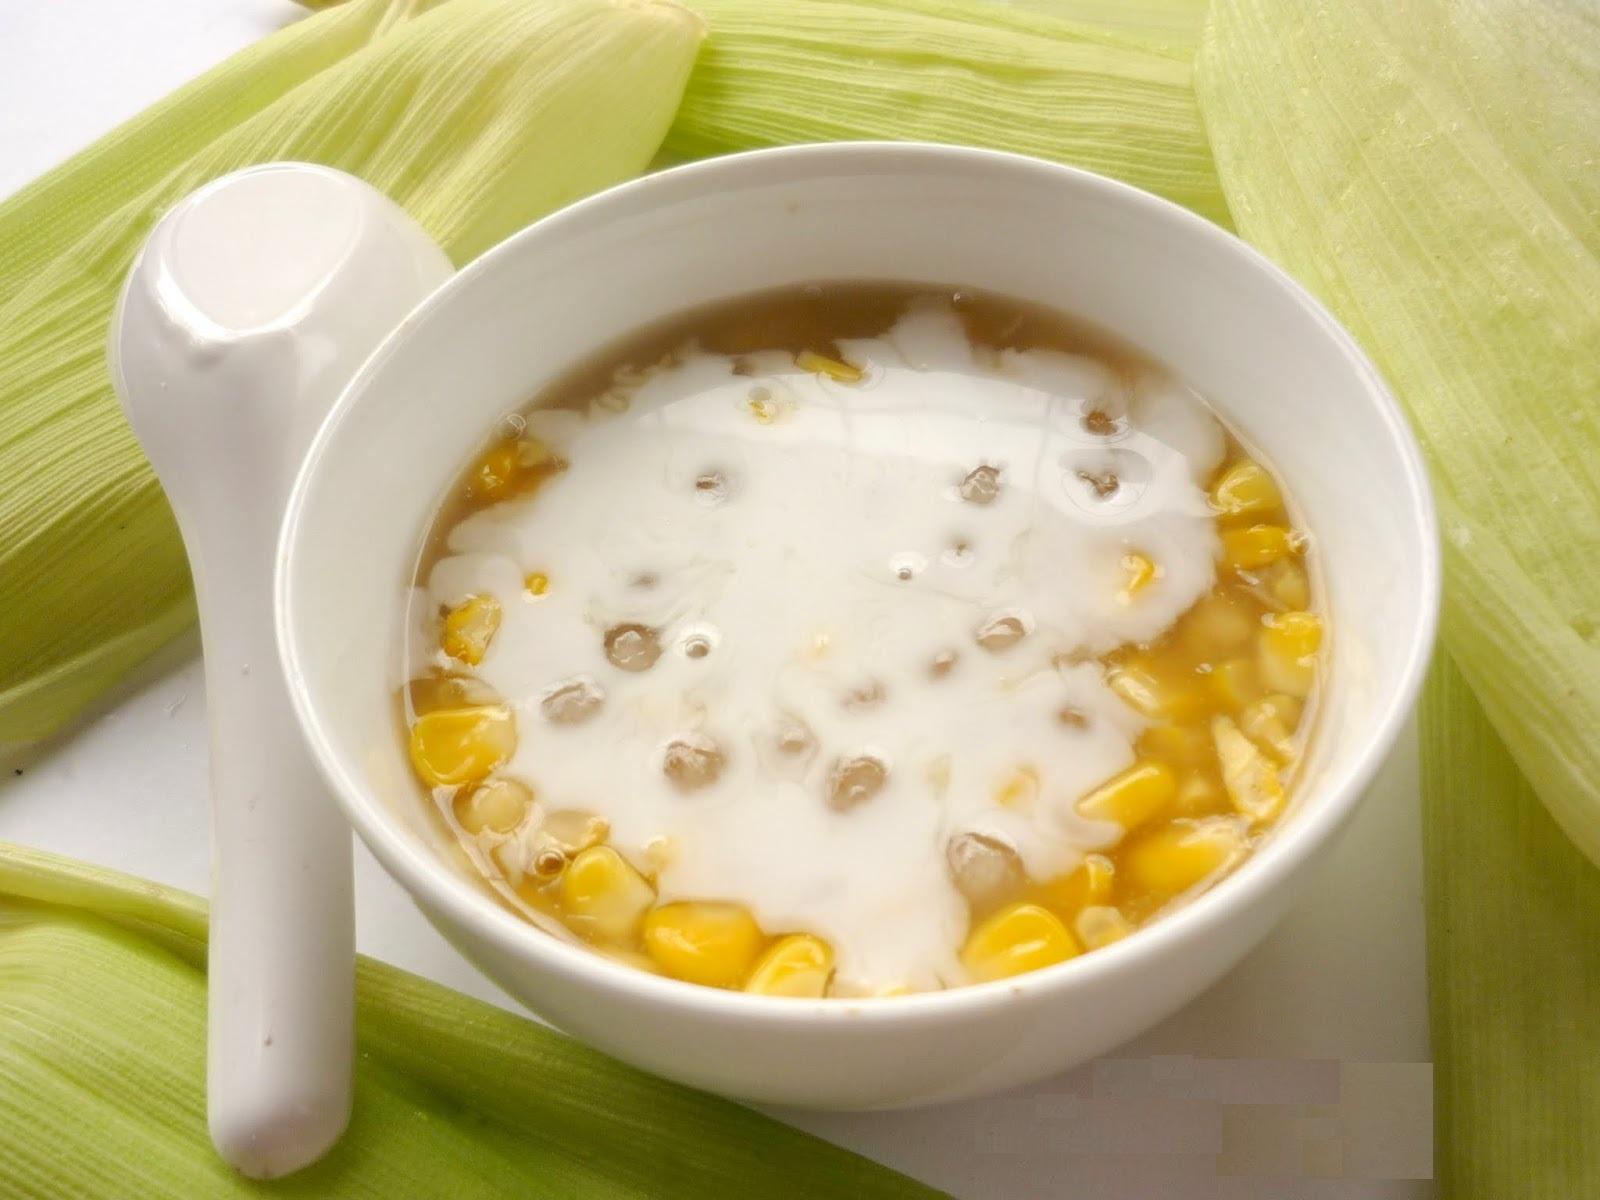 Chè bắp cũng là món ăn siêu ngọt ngào, thơm ngon. Tour hội an, tour du lịch hội an.